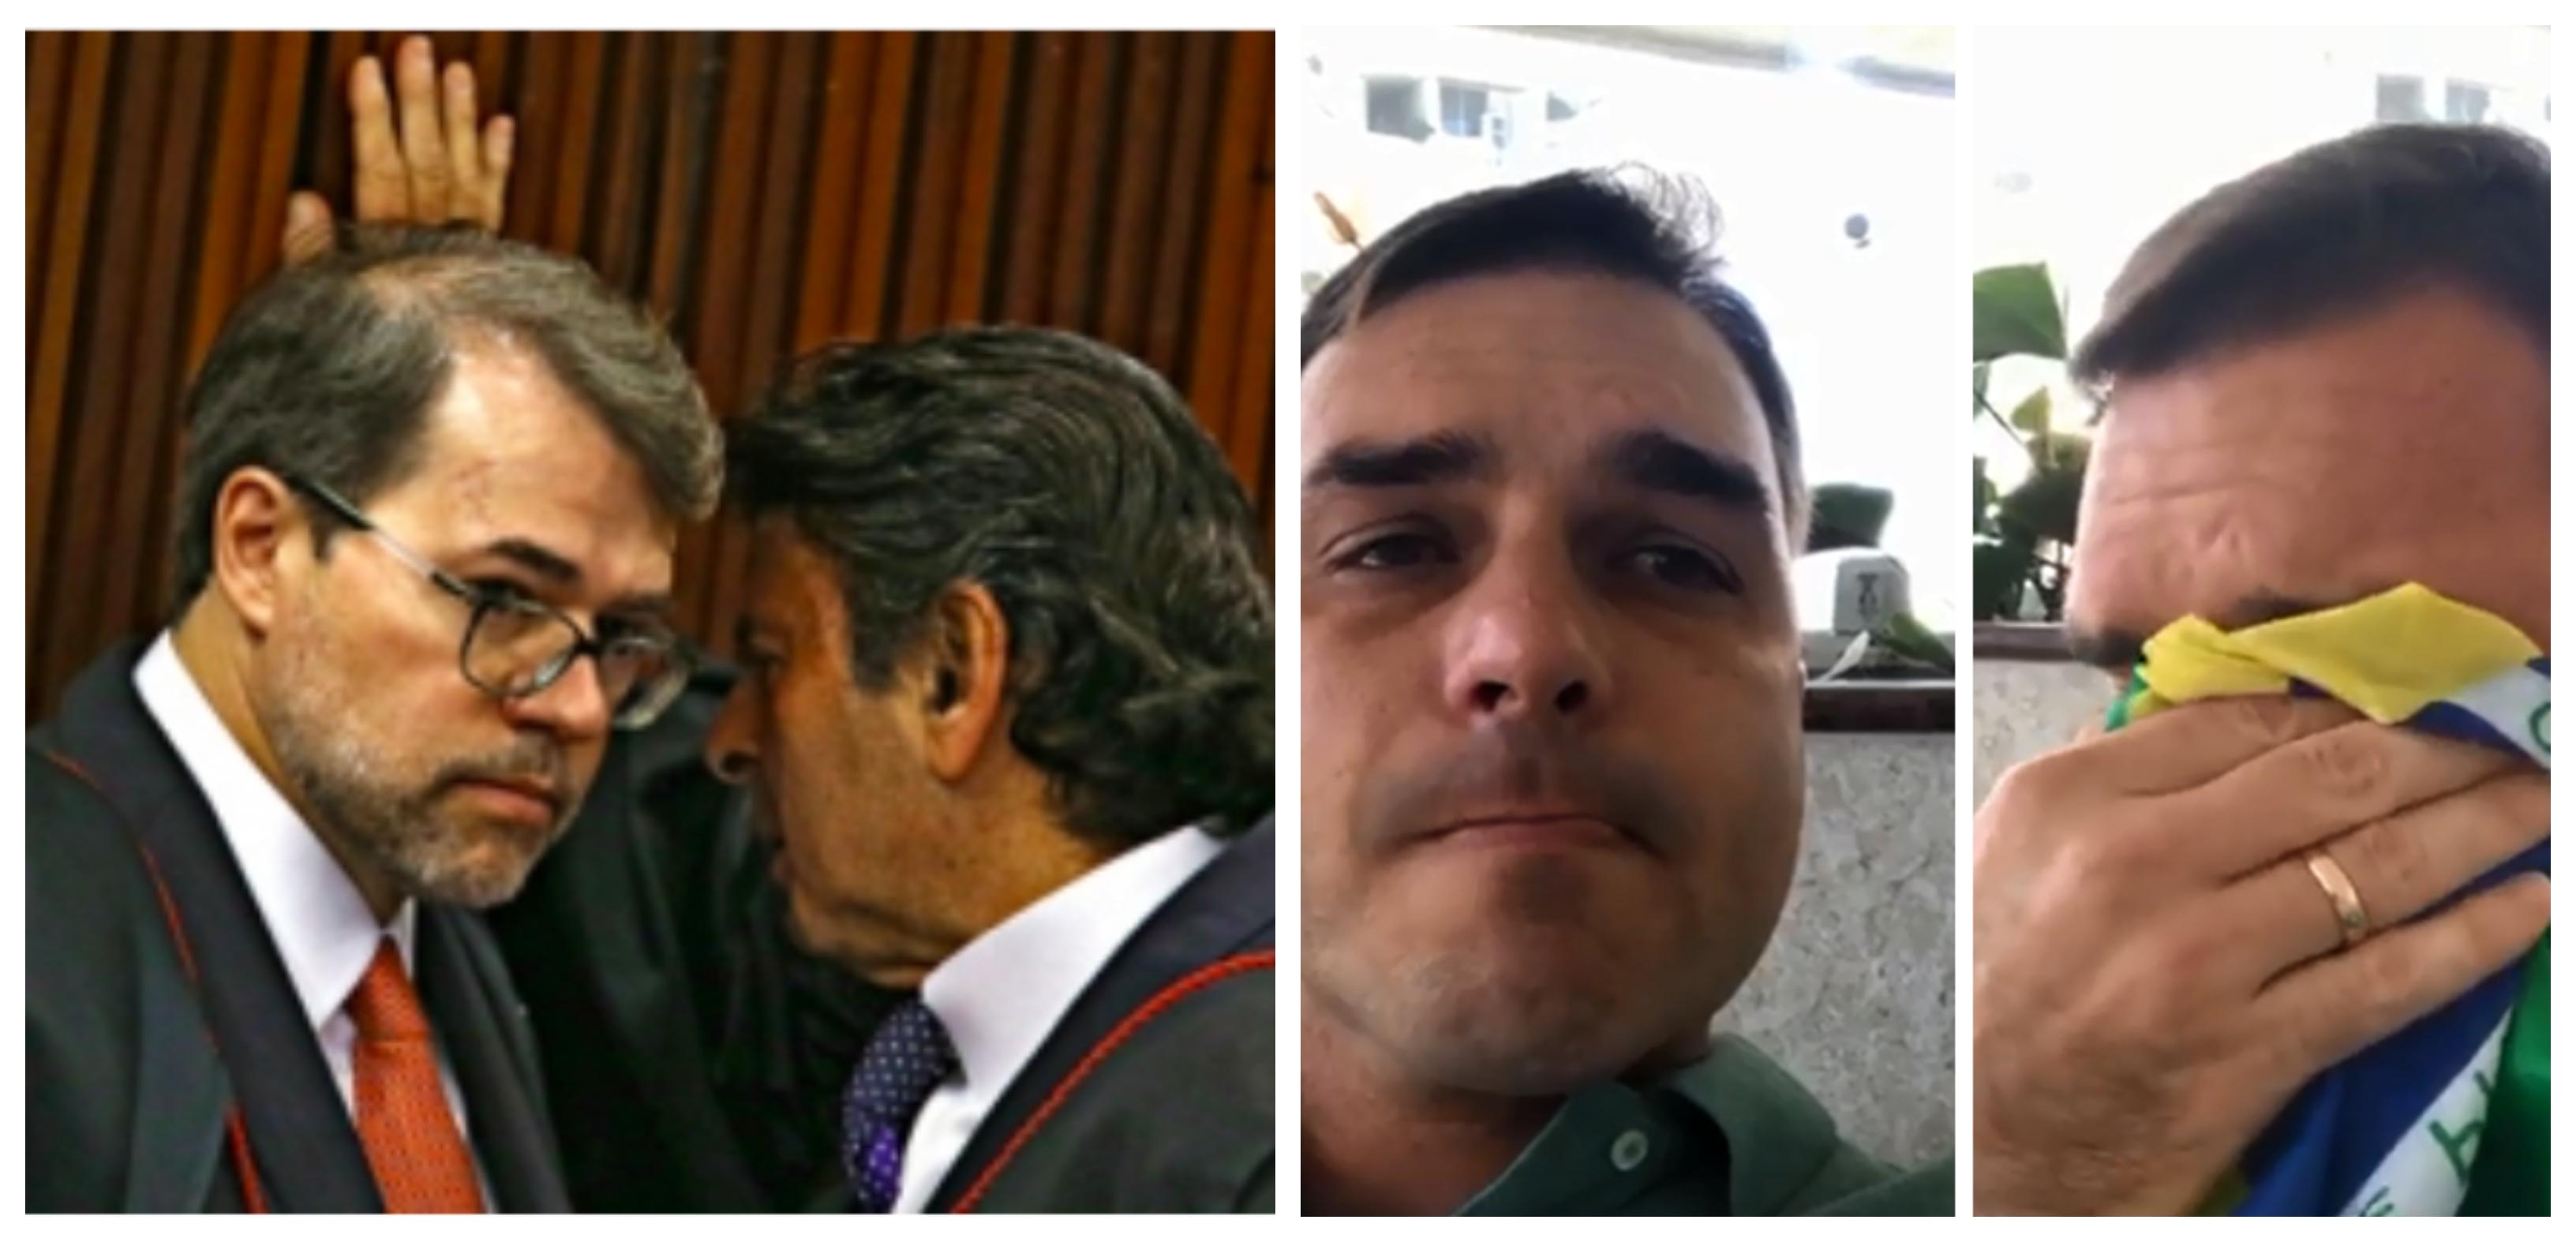 Carlos Cleto: Decisão de Fux a favor de Flávio Bolsonaro é comparável às de Toffoli em benefício de interesses poderosos